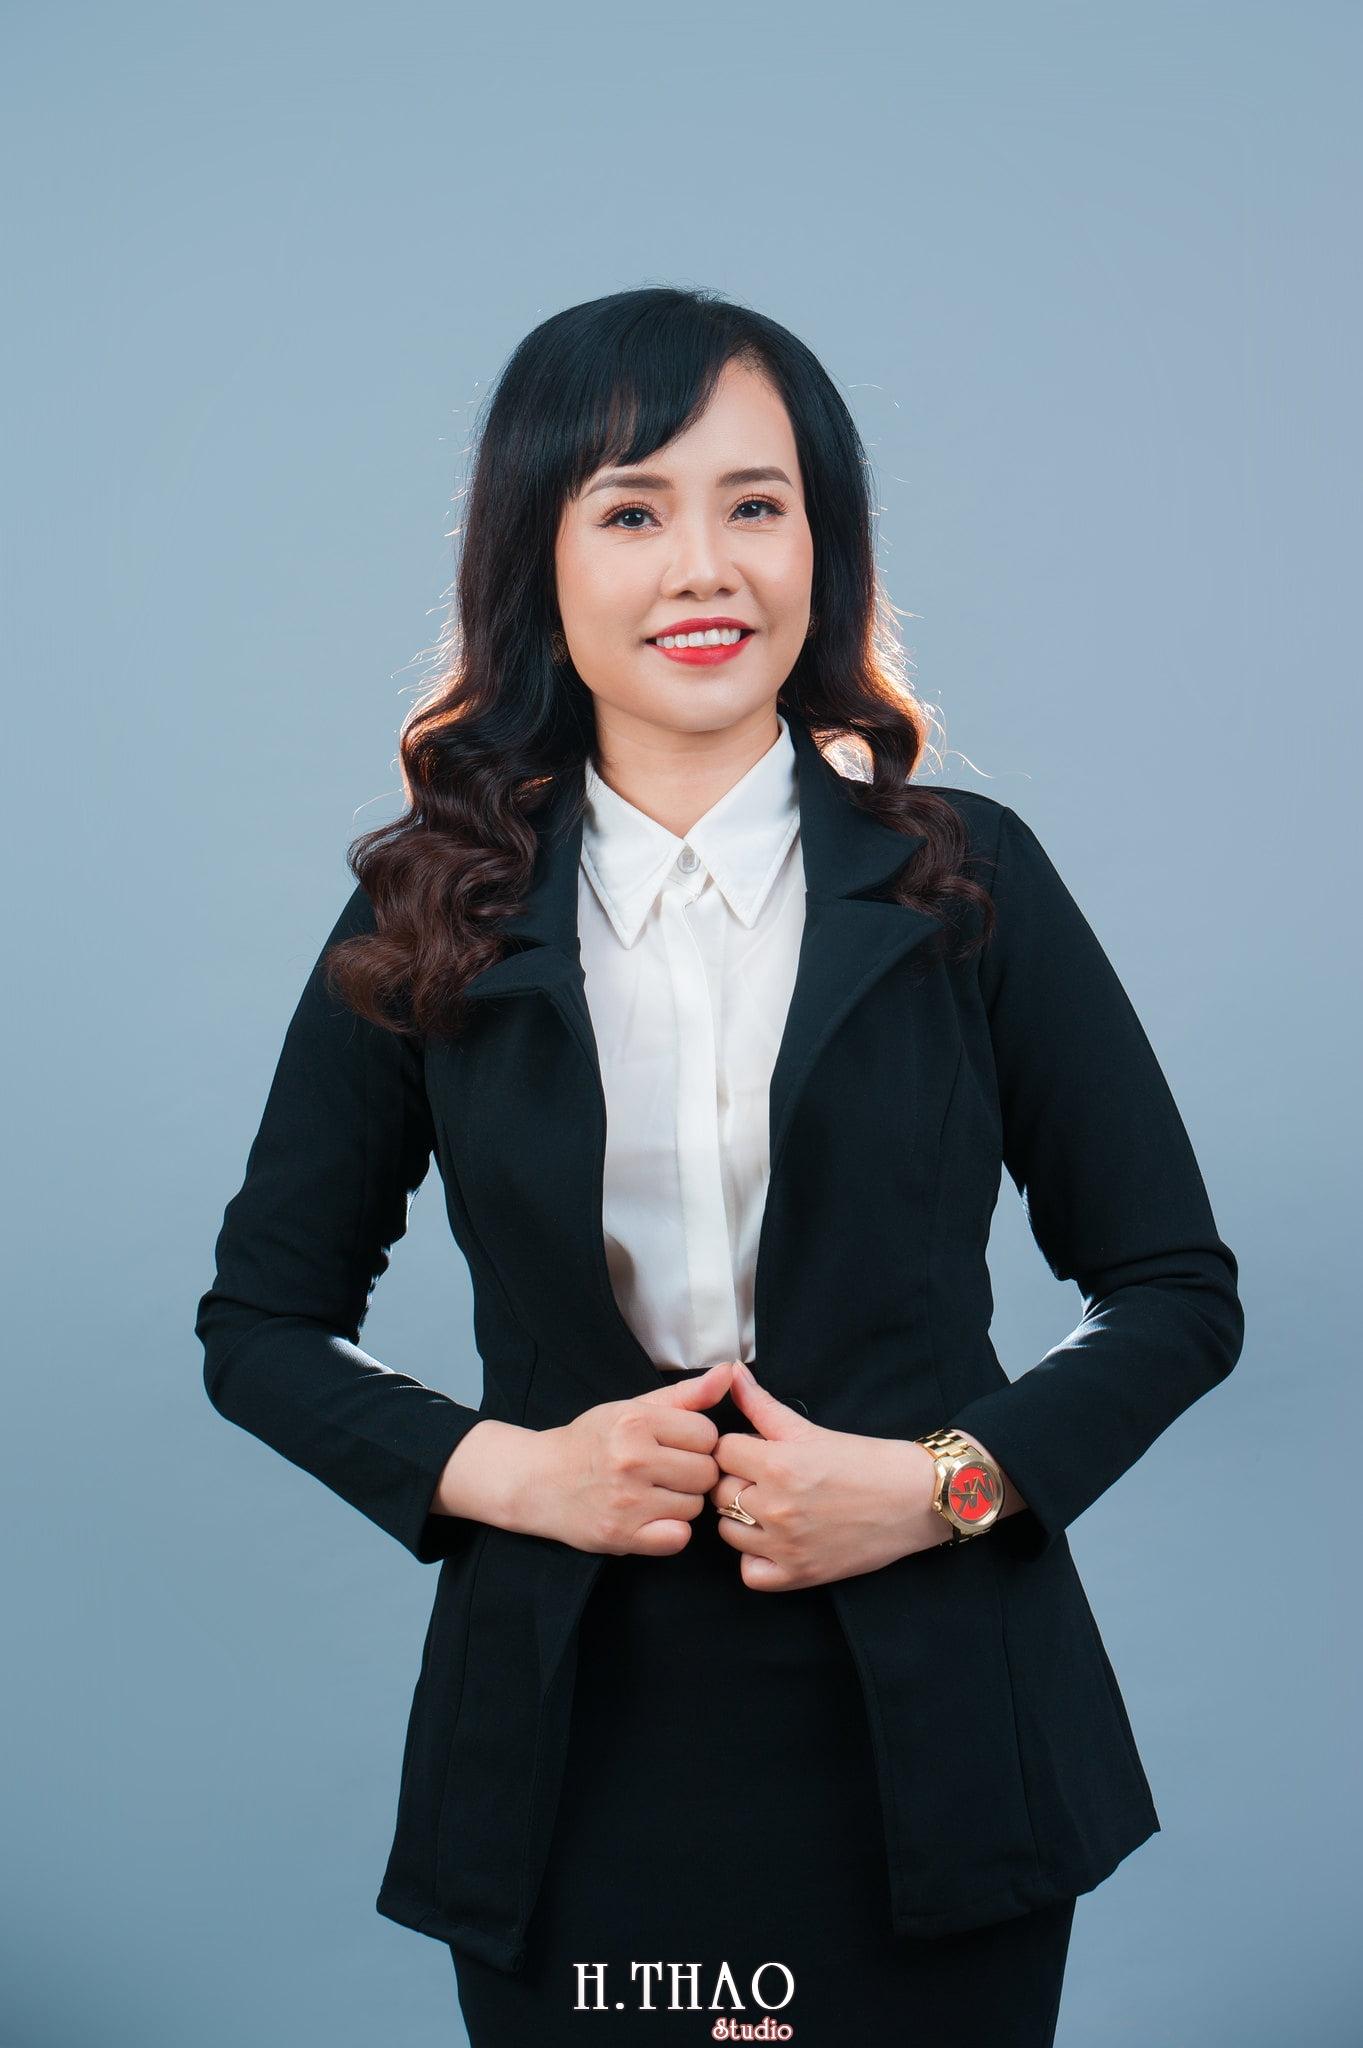 Thu Trang 6 - Chụp ảnh nữ doanh nhân Thu Trang tại HThao Studio – Tp.HCM